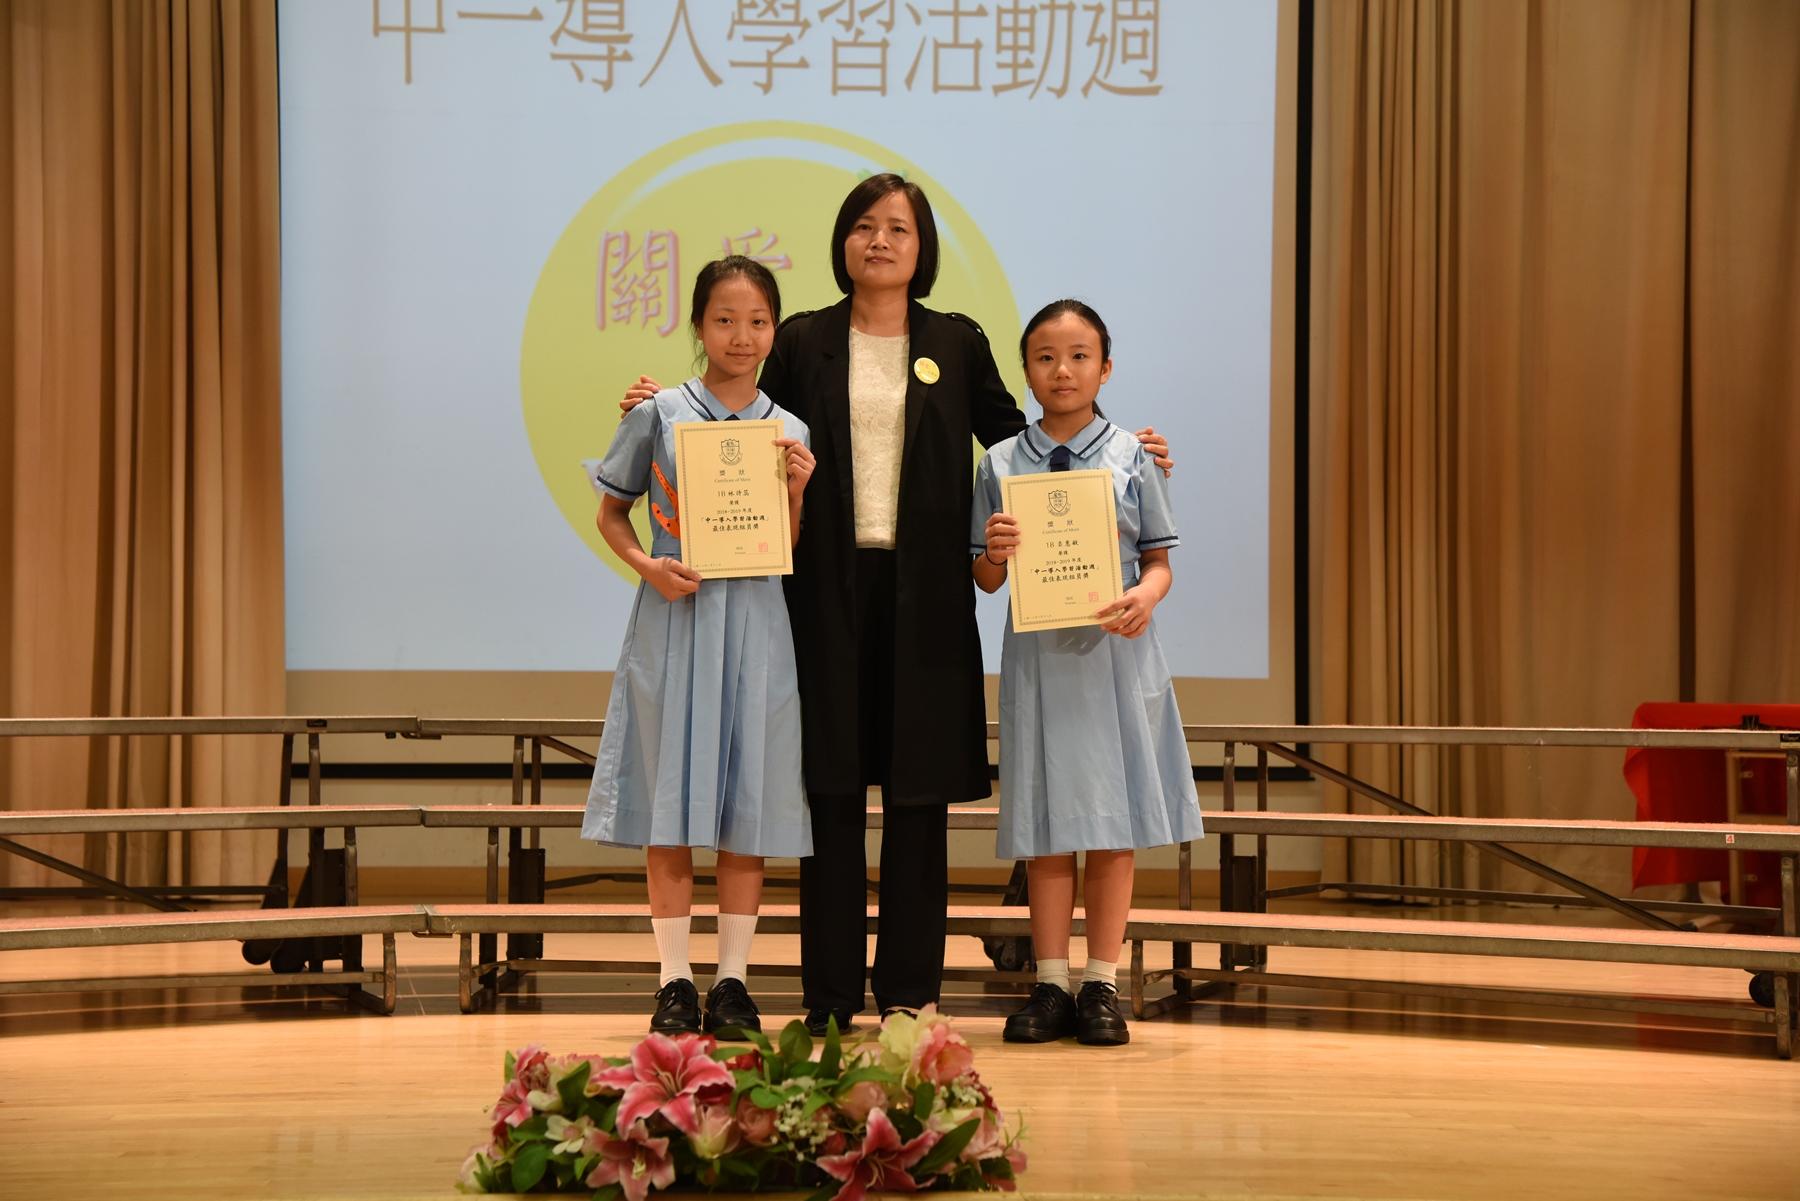 https://www.npc.edu.hk/sites/default/files/dsc_5151.jpg